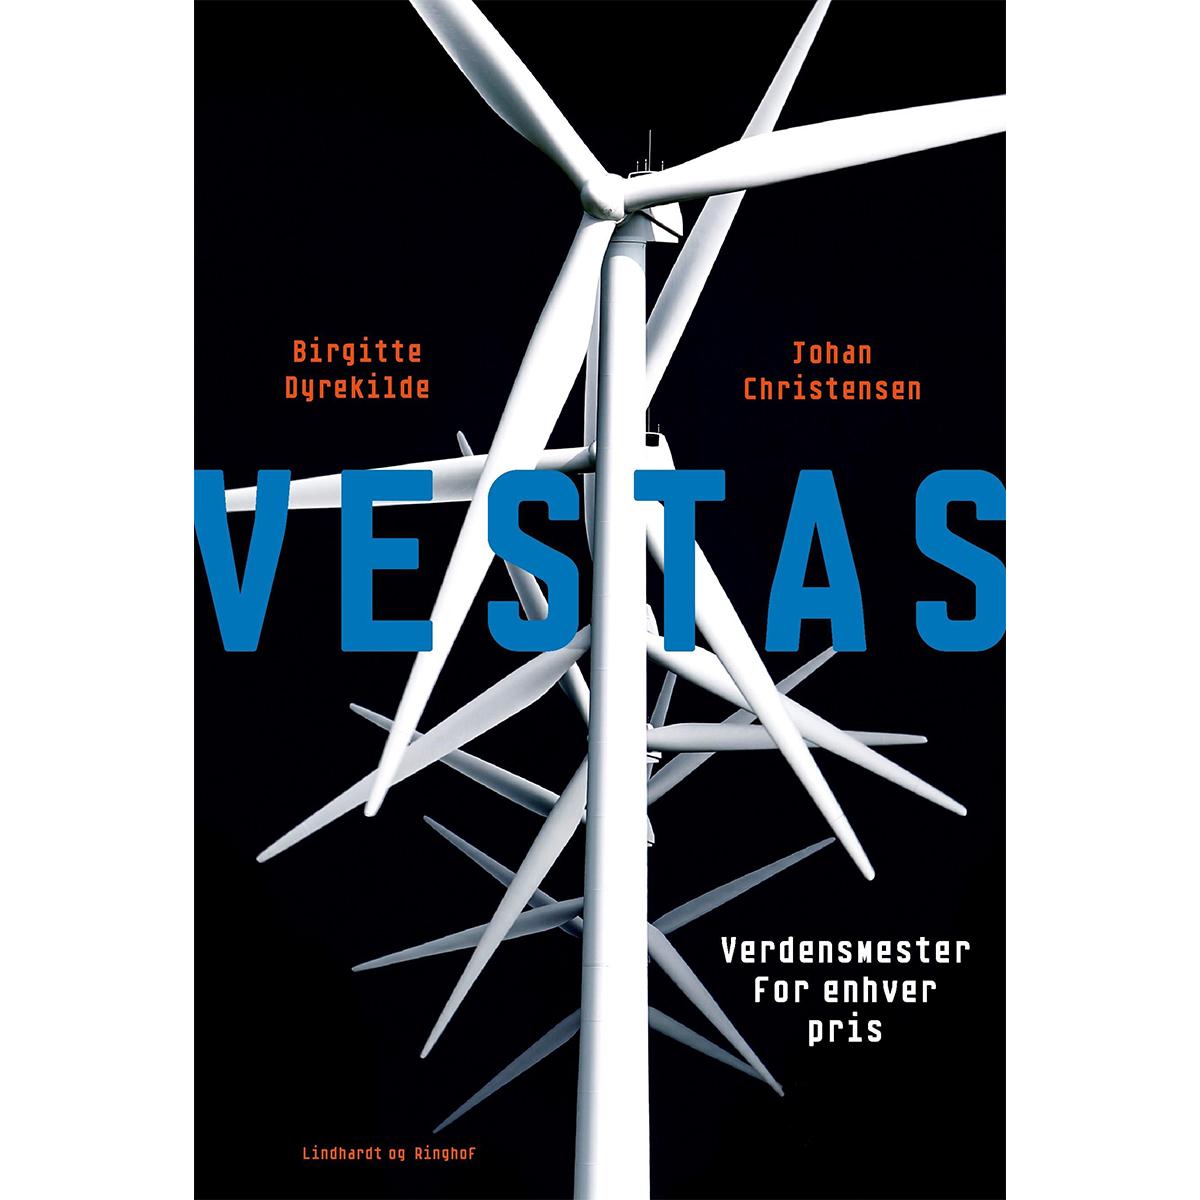 Billede af Vestas - verdensmester for enhver pris - Hæftet